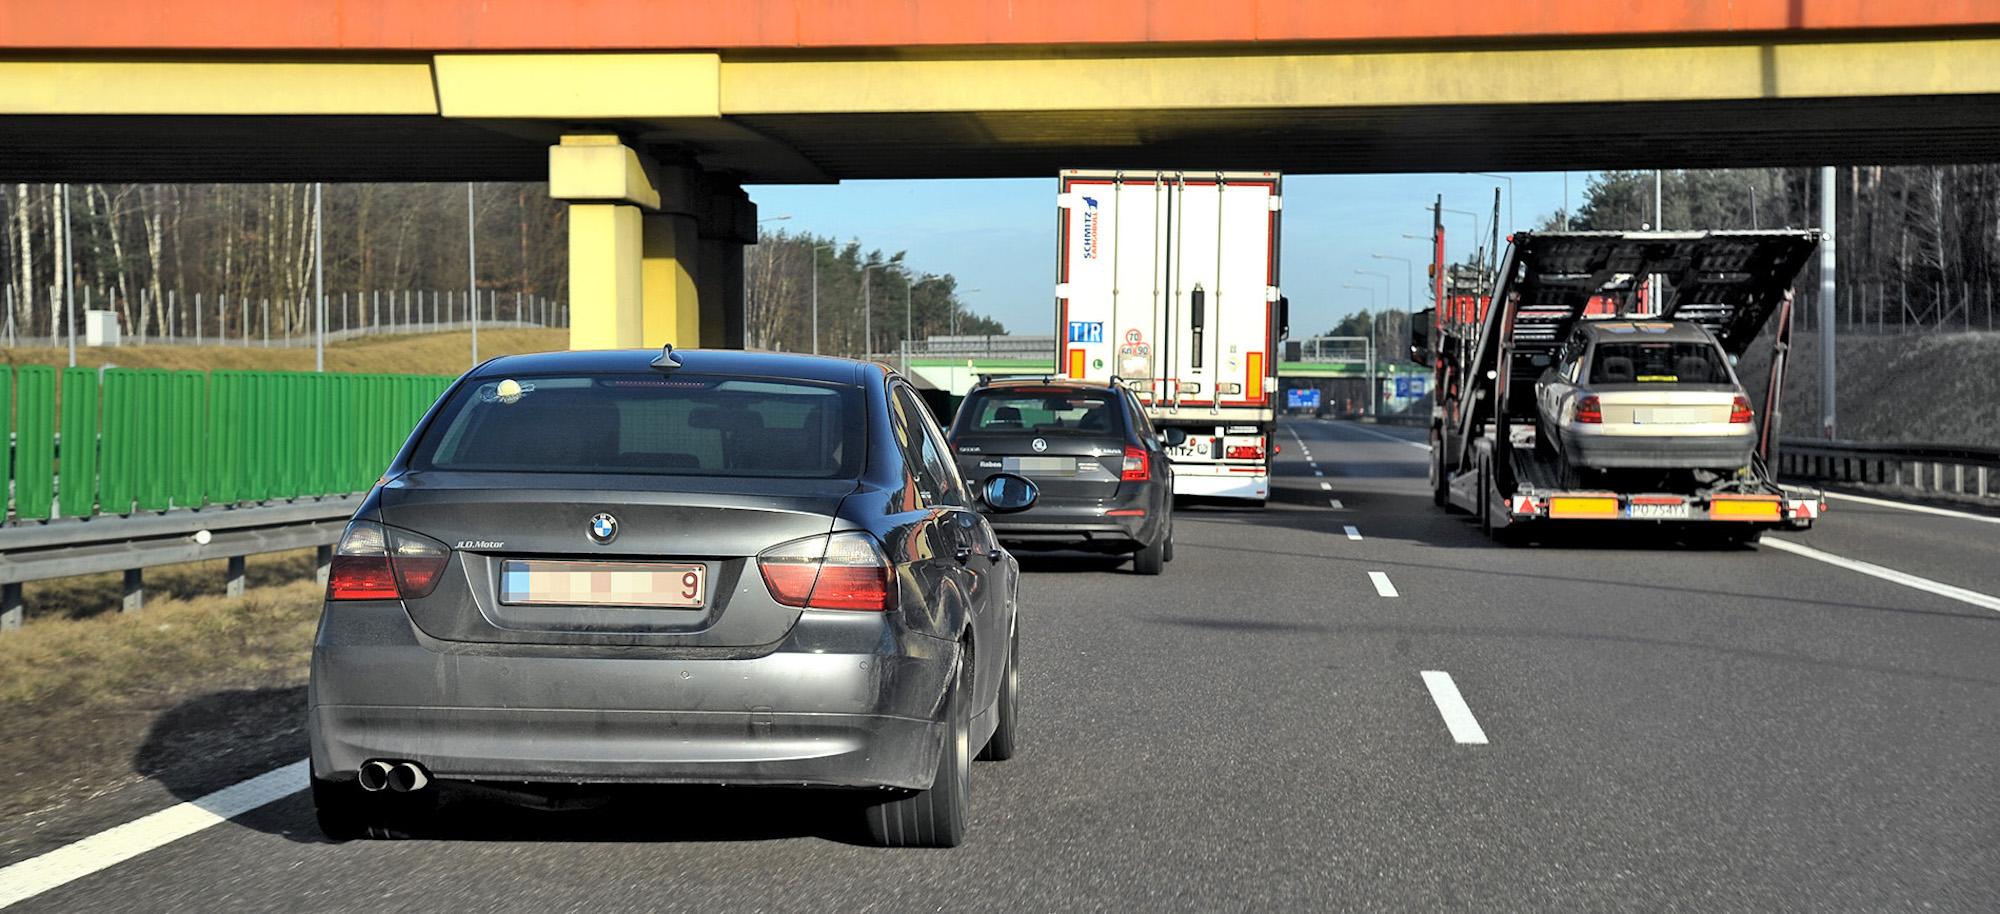 auta naautostradzie